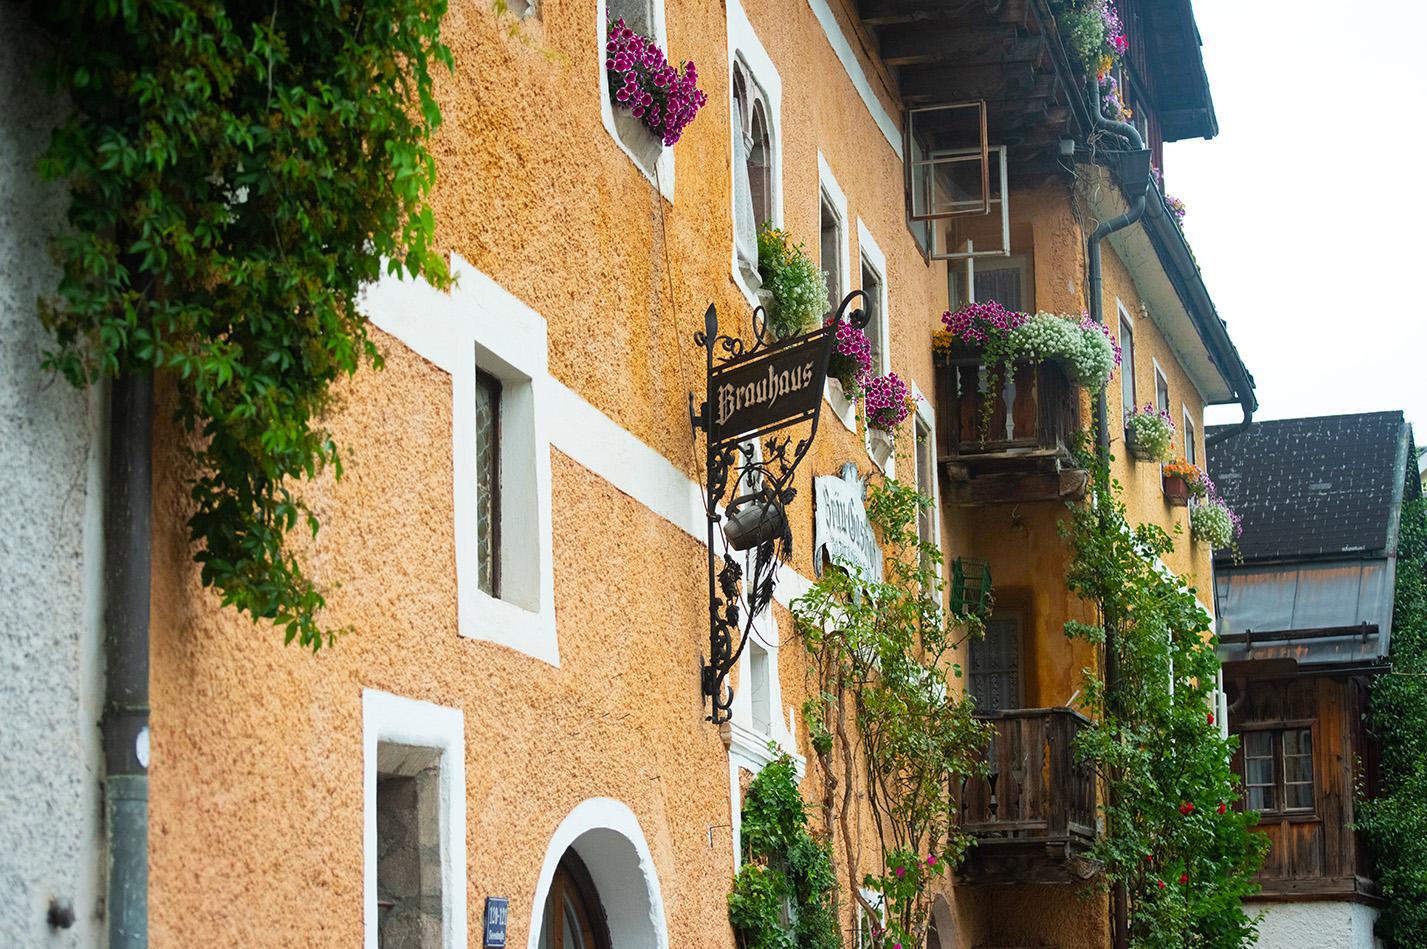 street-walls-flowers-beauty